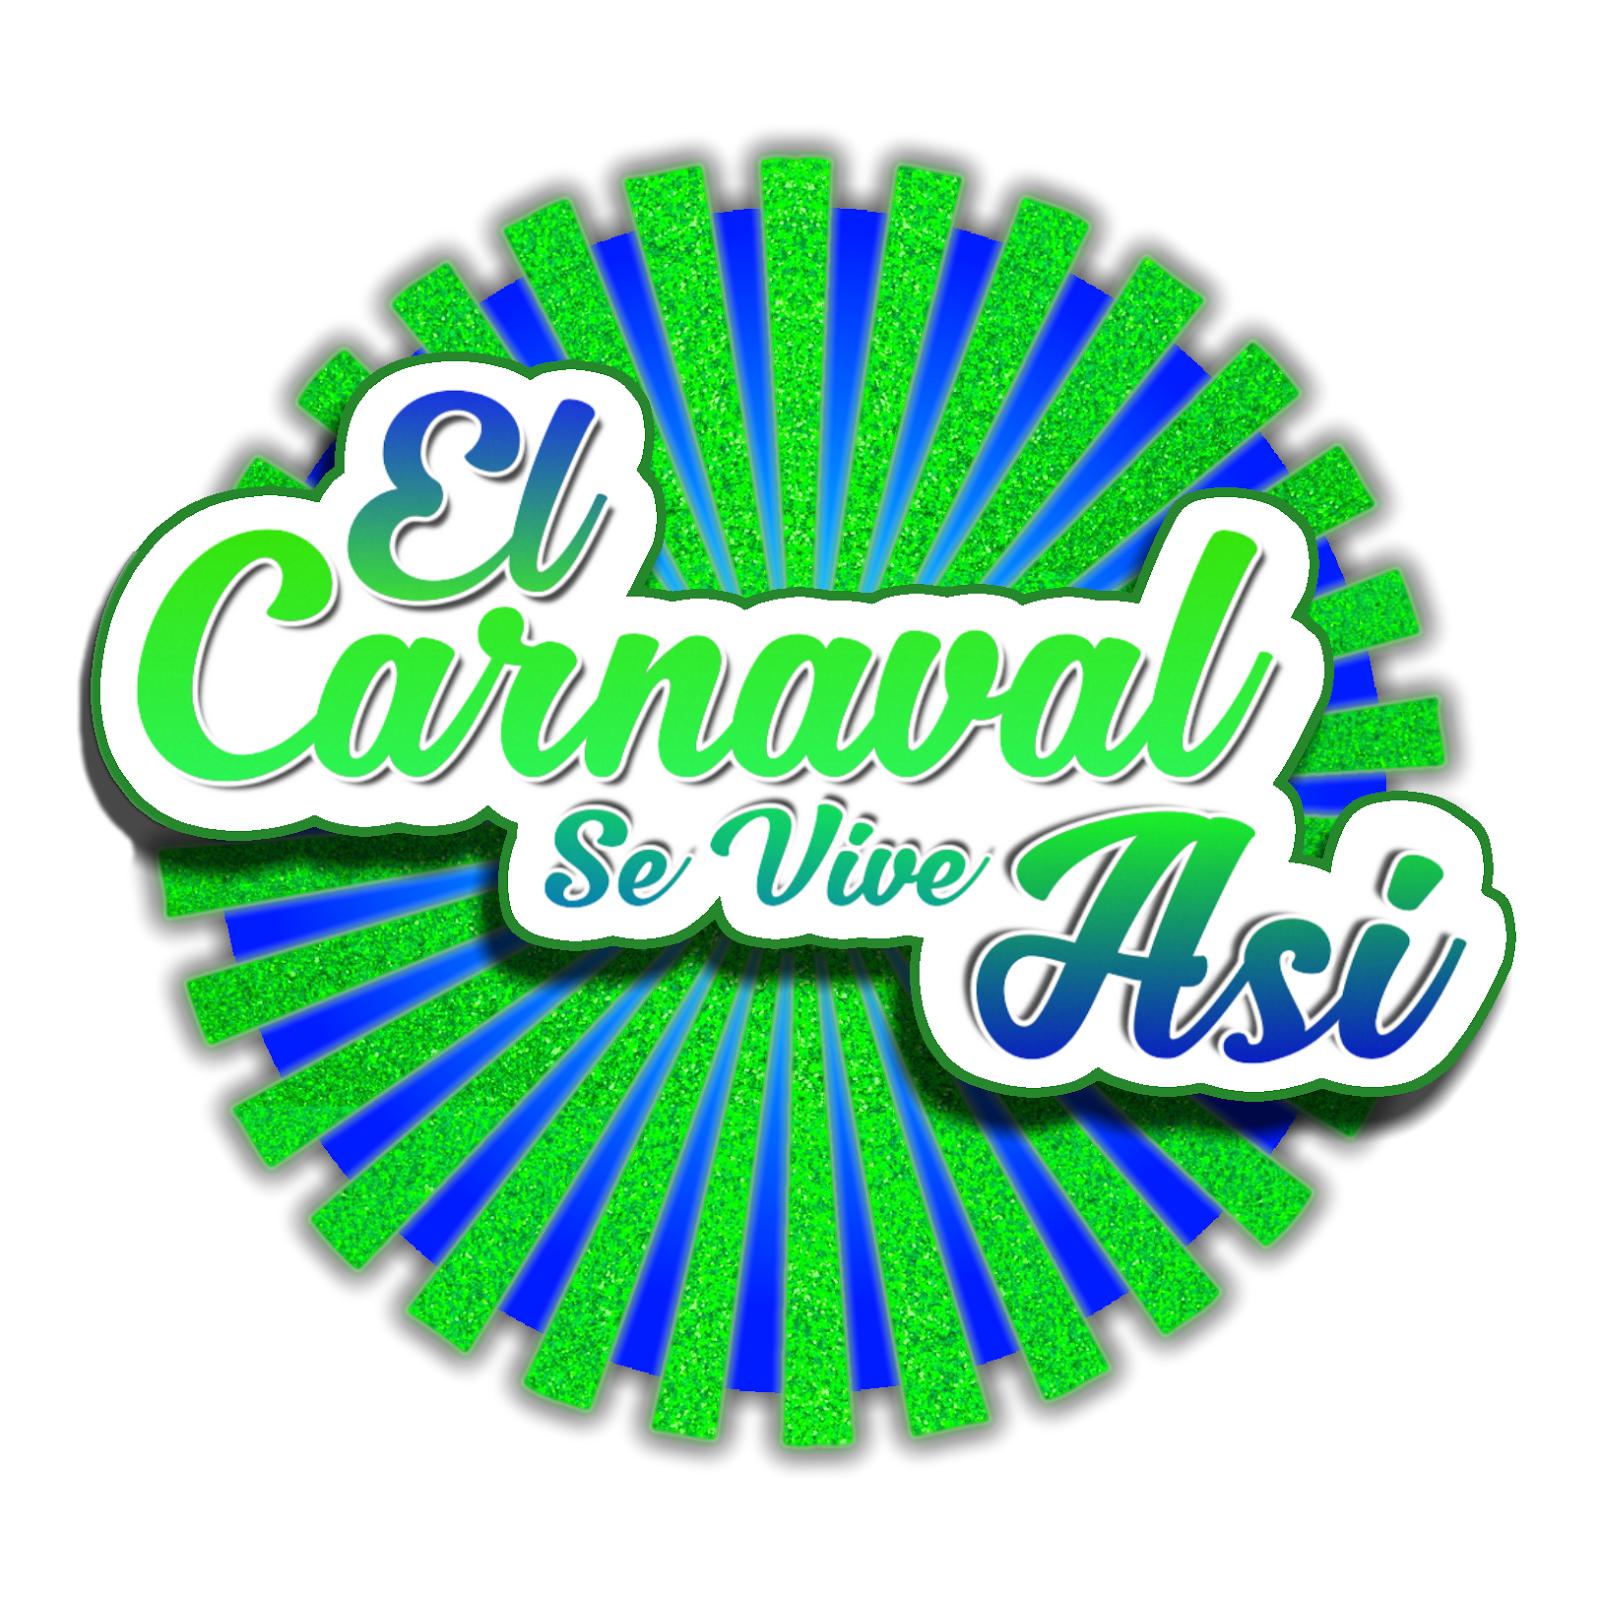 El Carnaval Se Vive Así